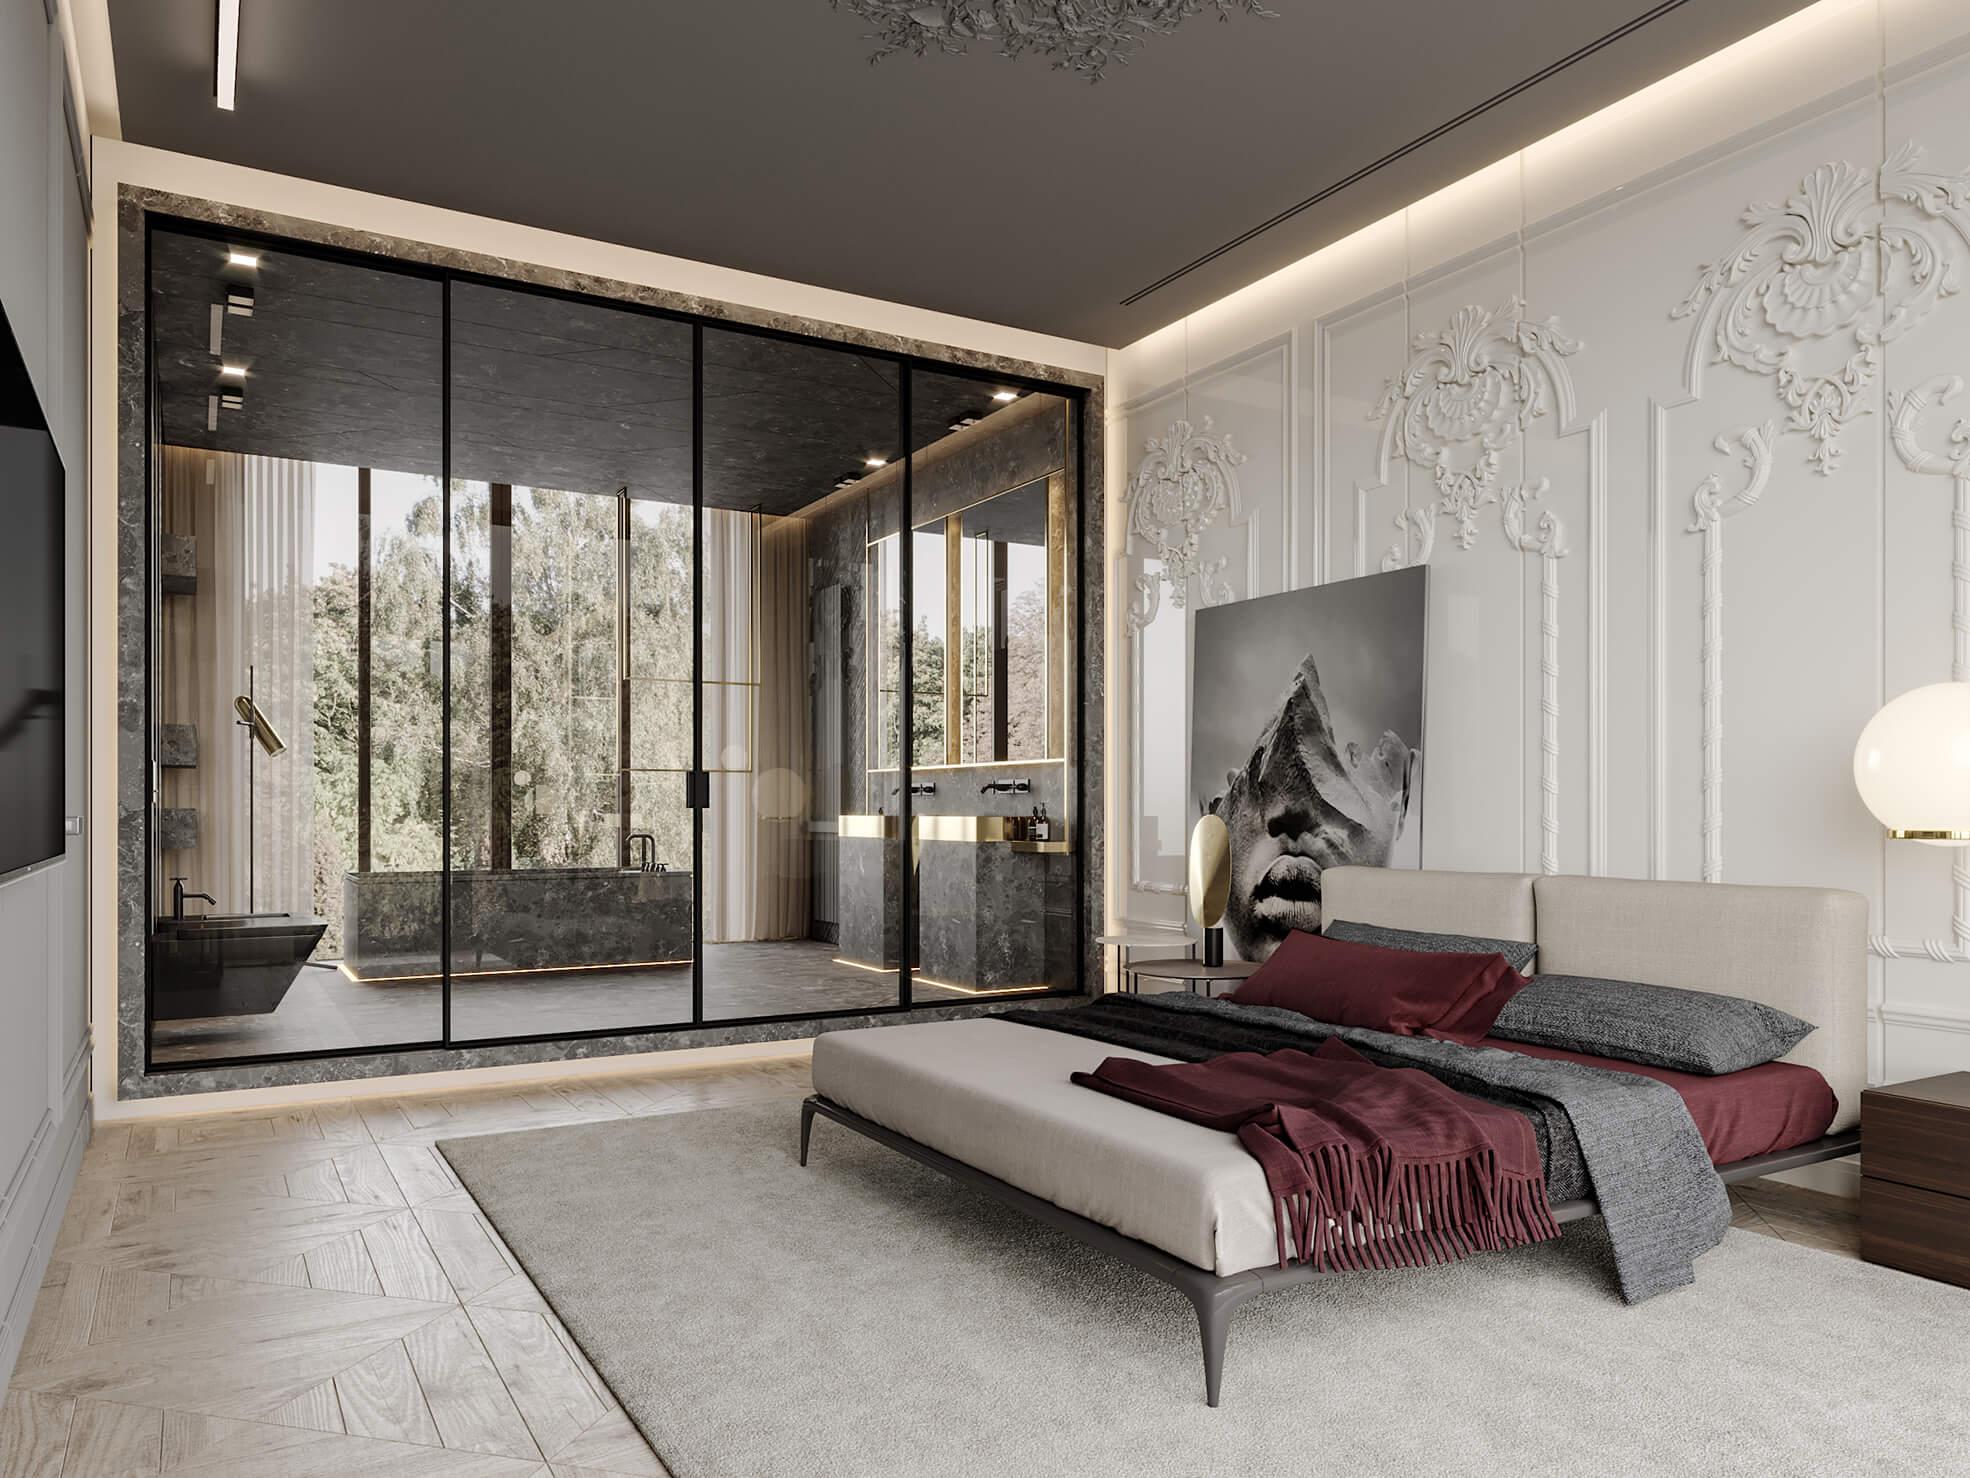 phong cách thiết kế nội thất nhà chung cư đẹp nhất hiện nay 13